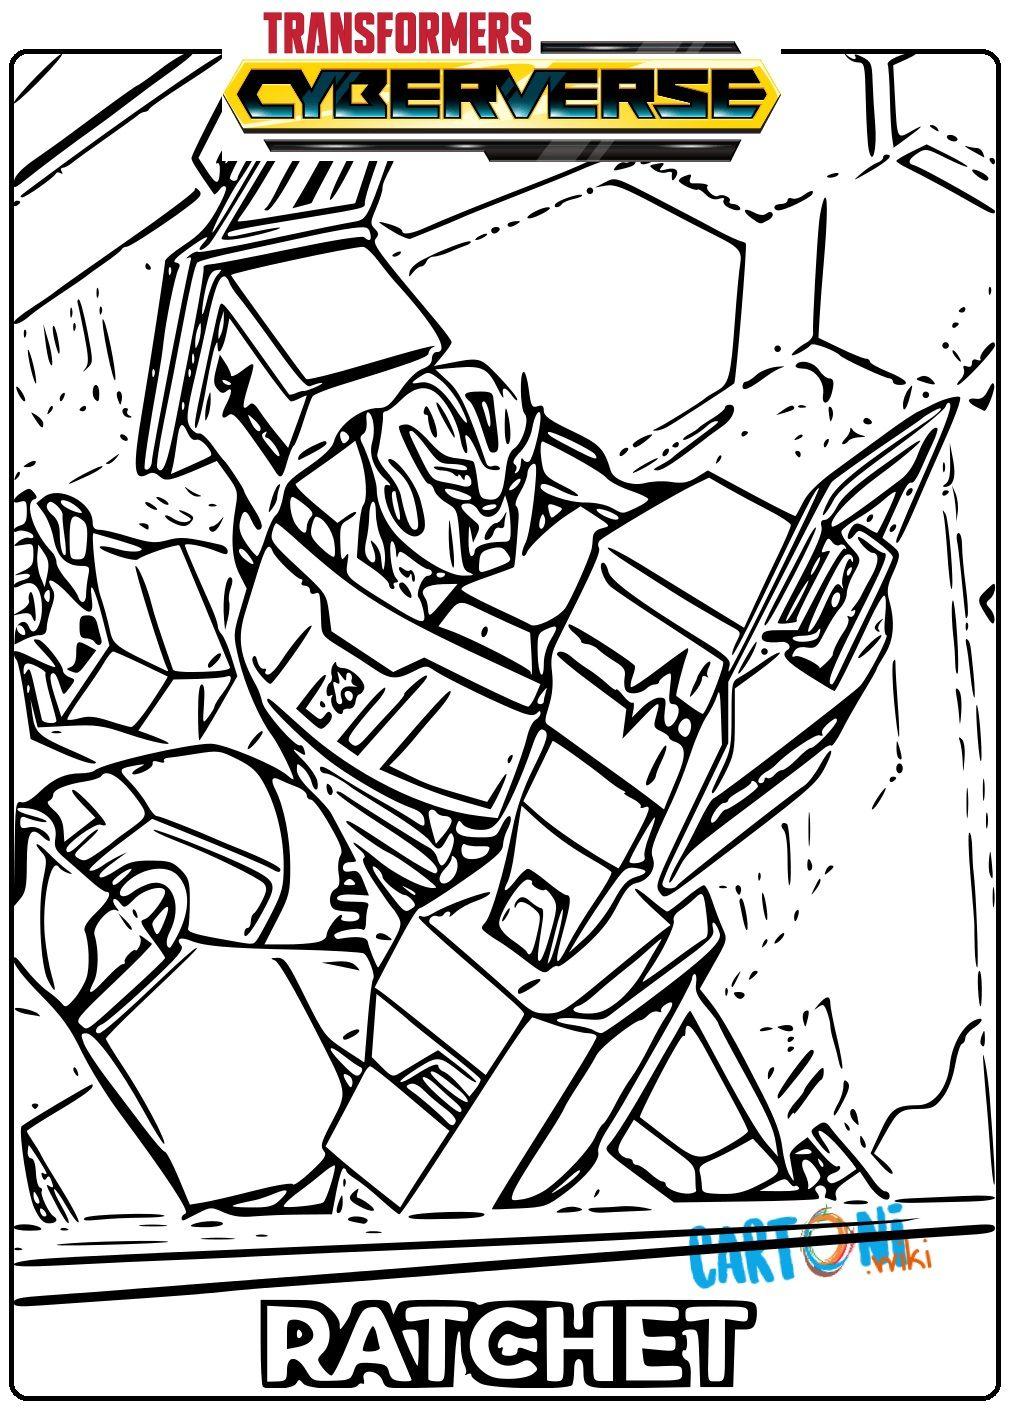 Transformers Cyberverse Disegno Ratchet Da Colorare E Stampare Per